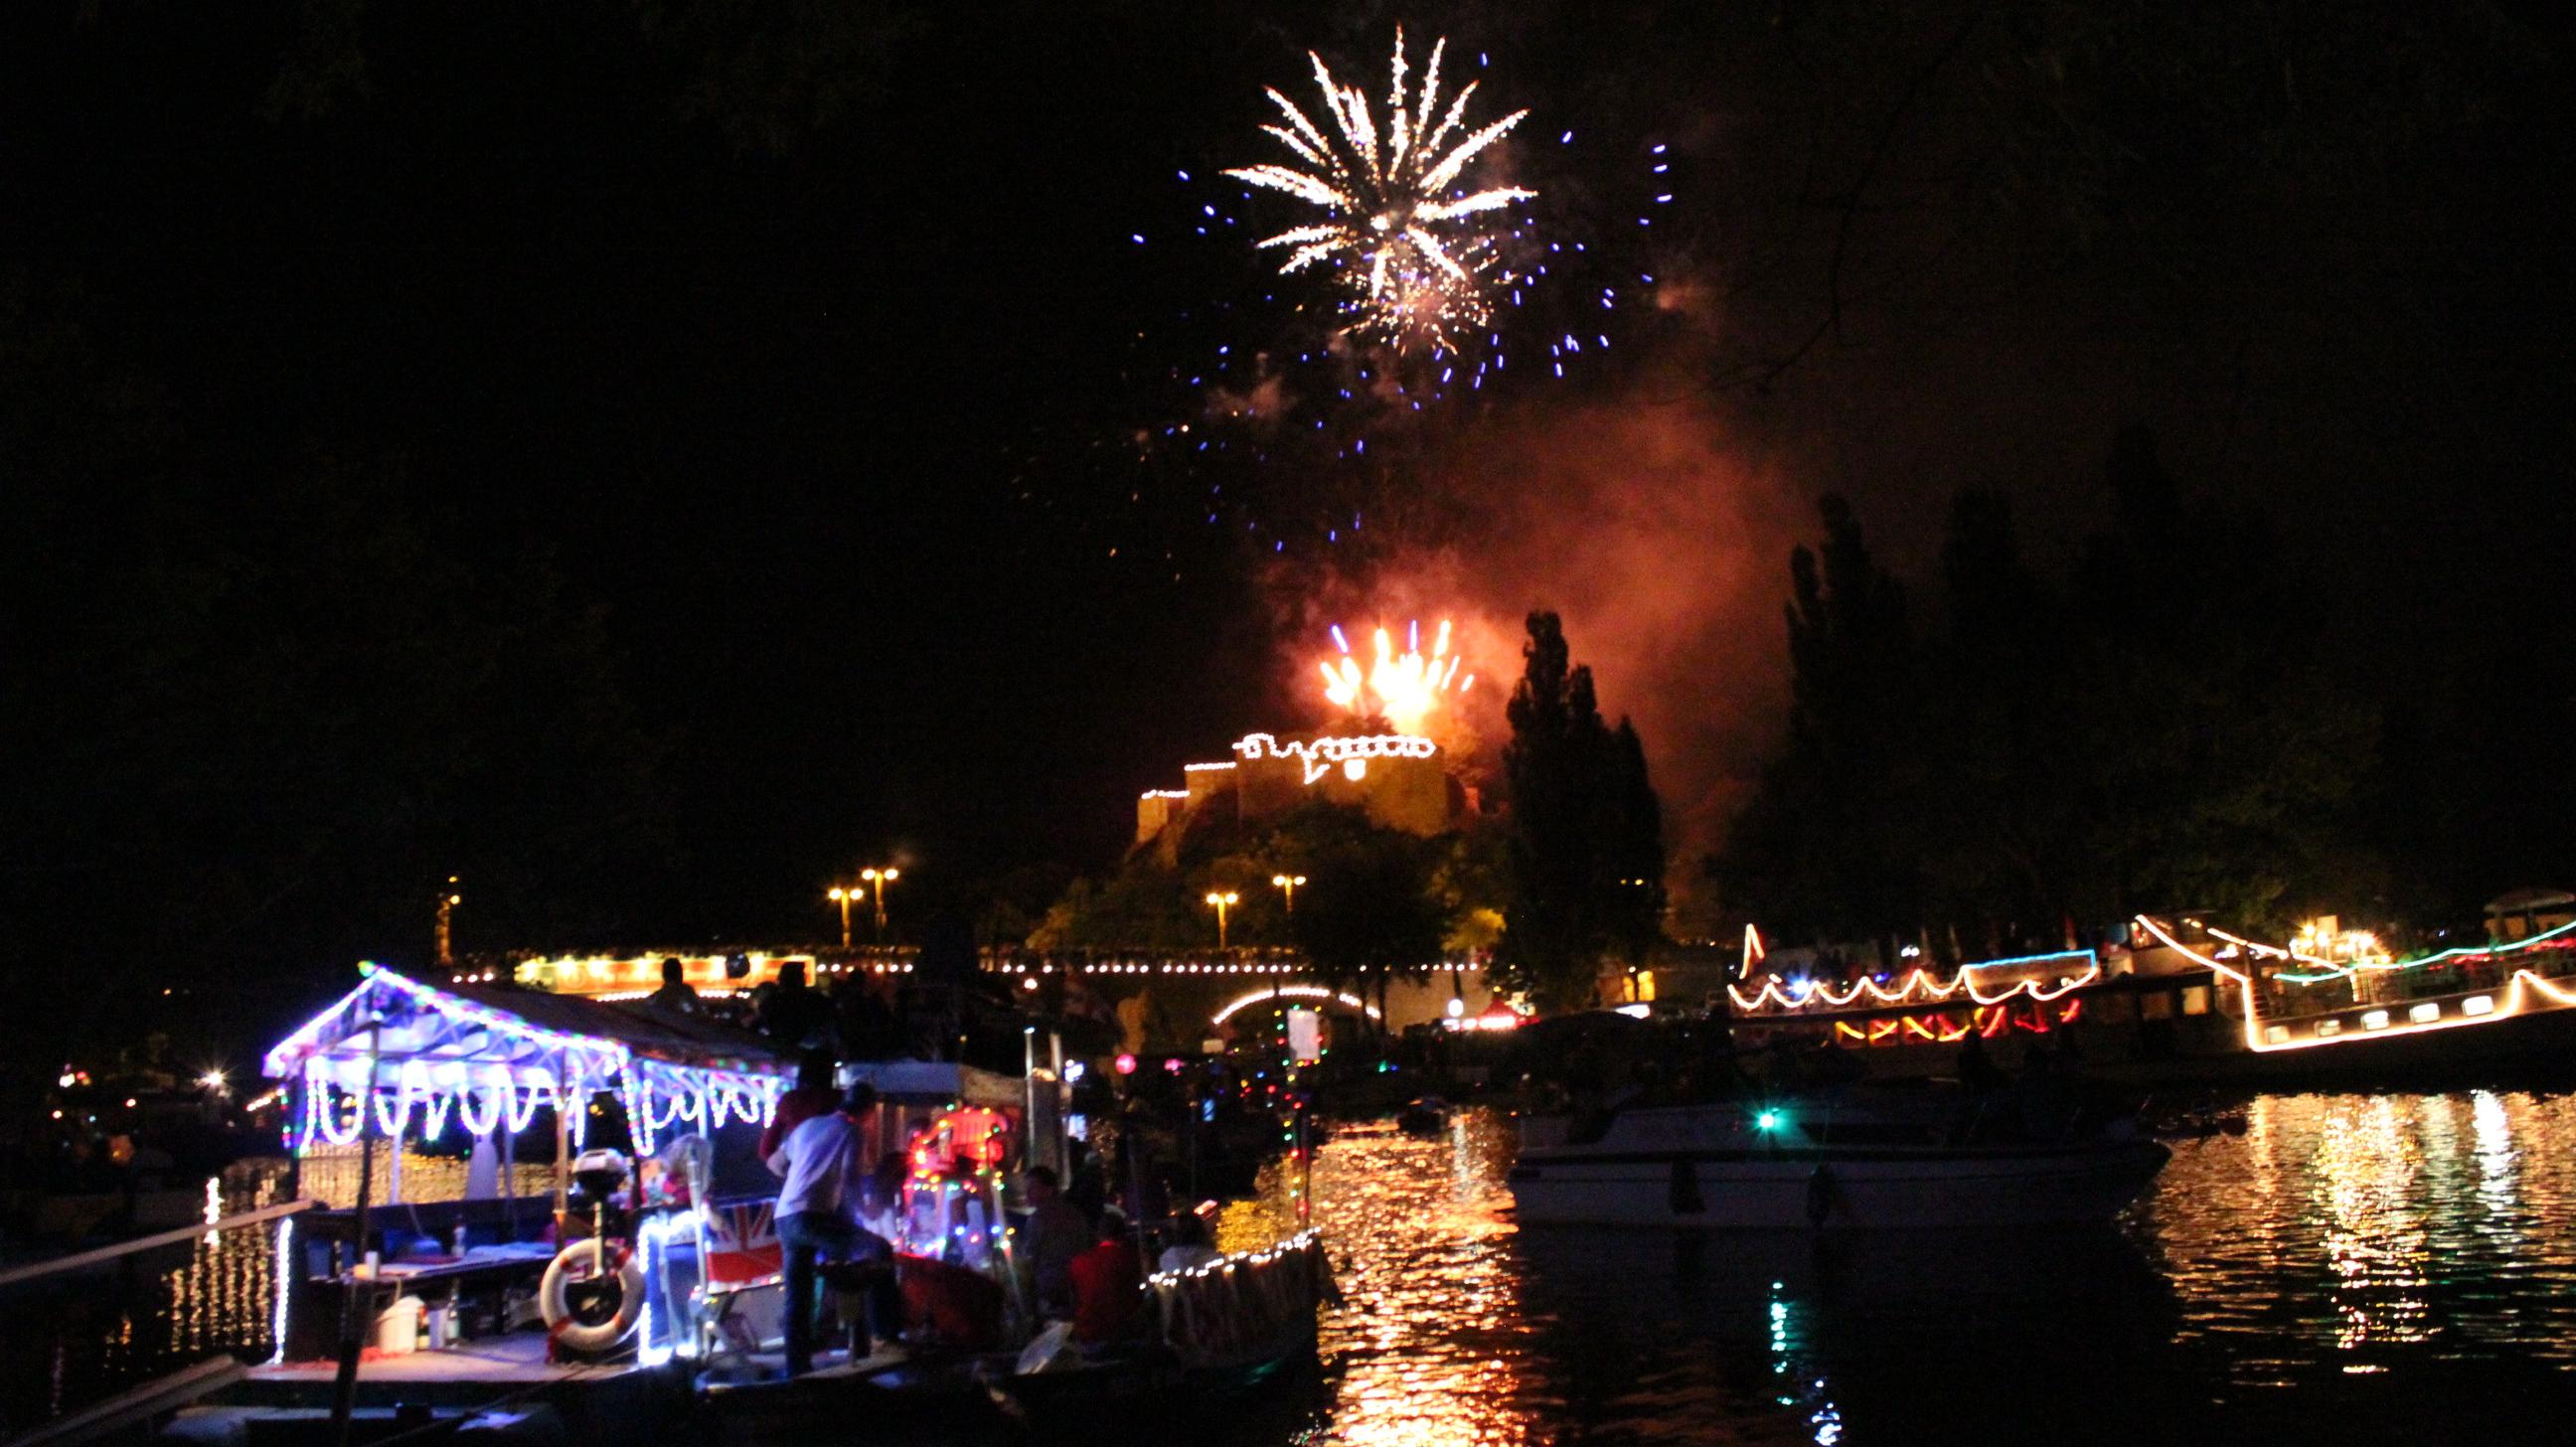 Laternenfest Feuerwerk IMG_7063